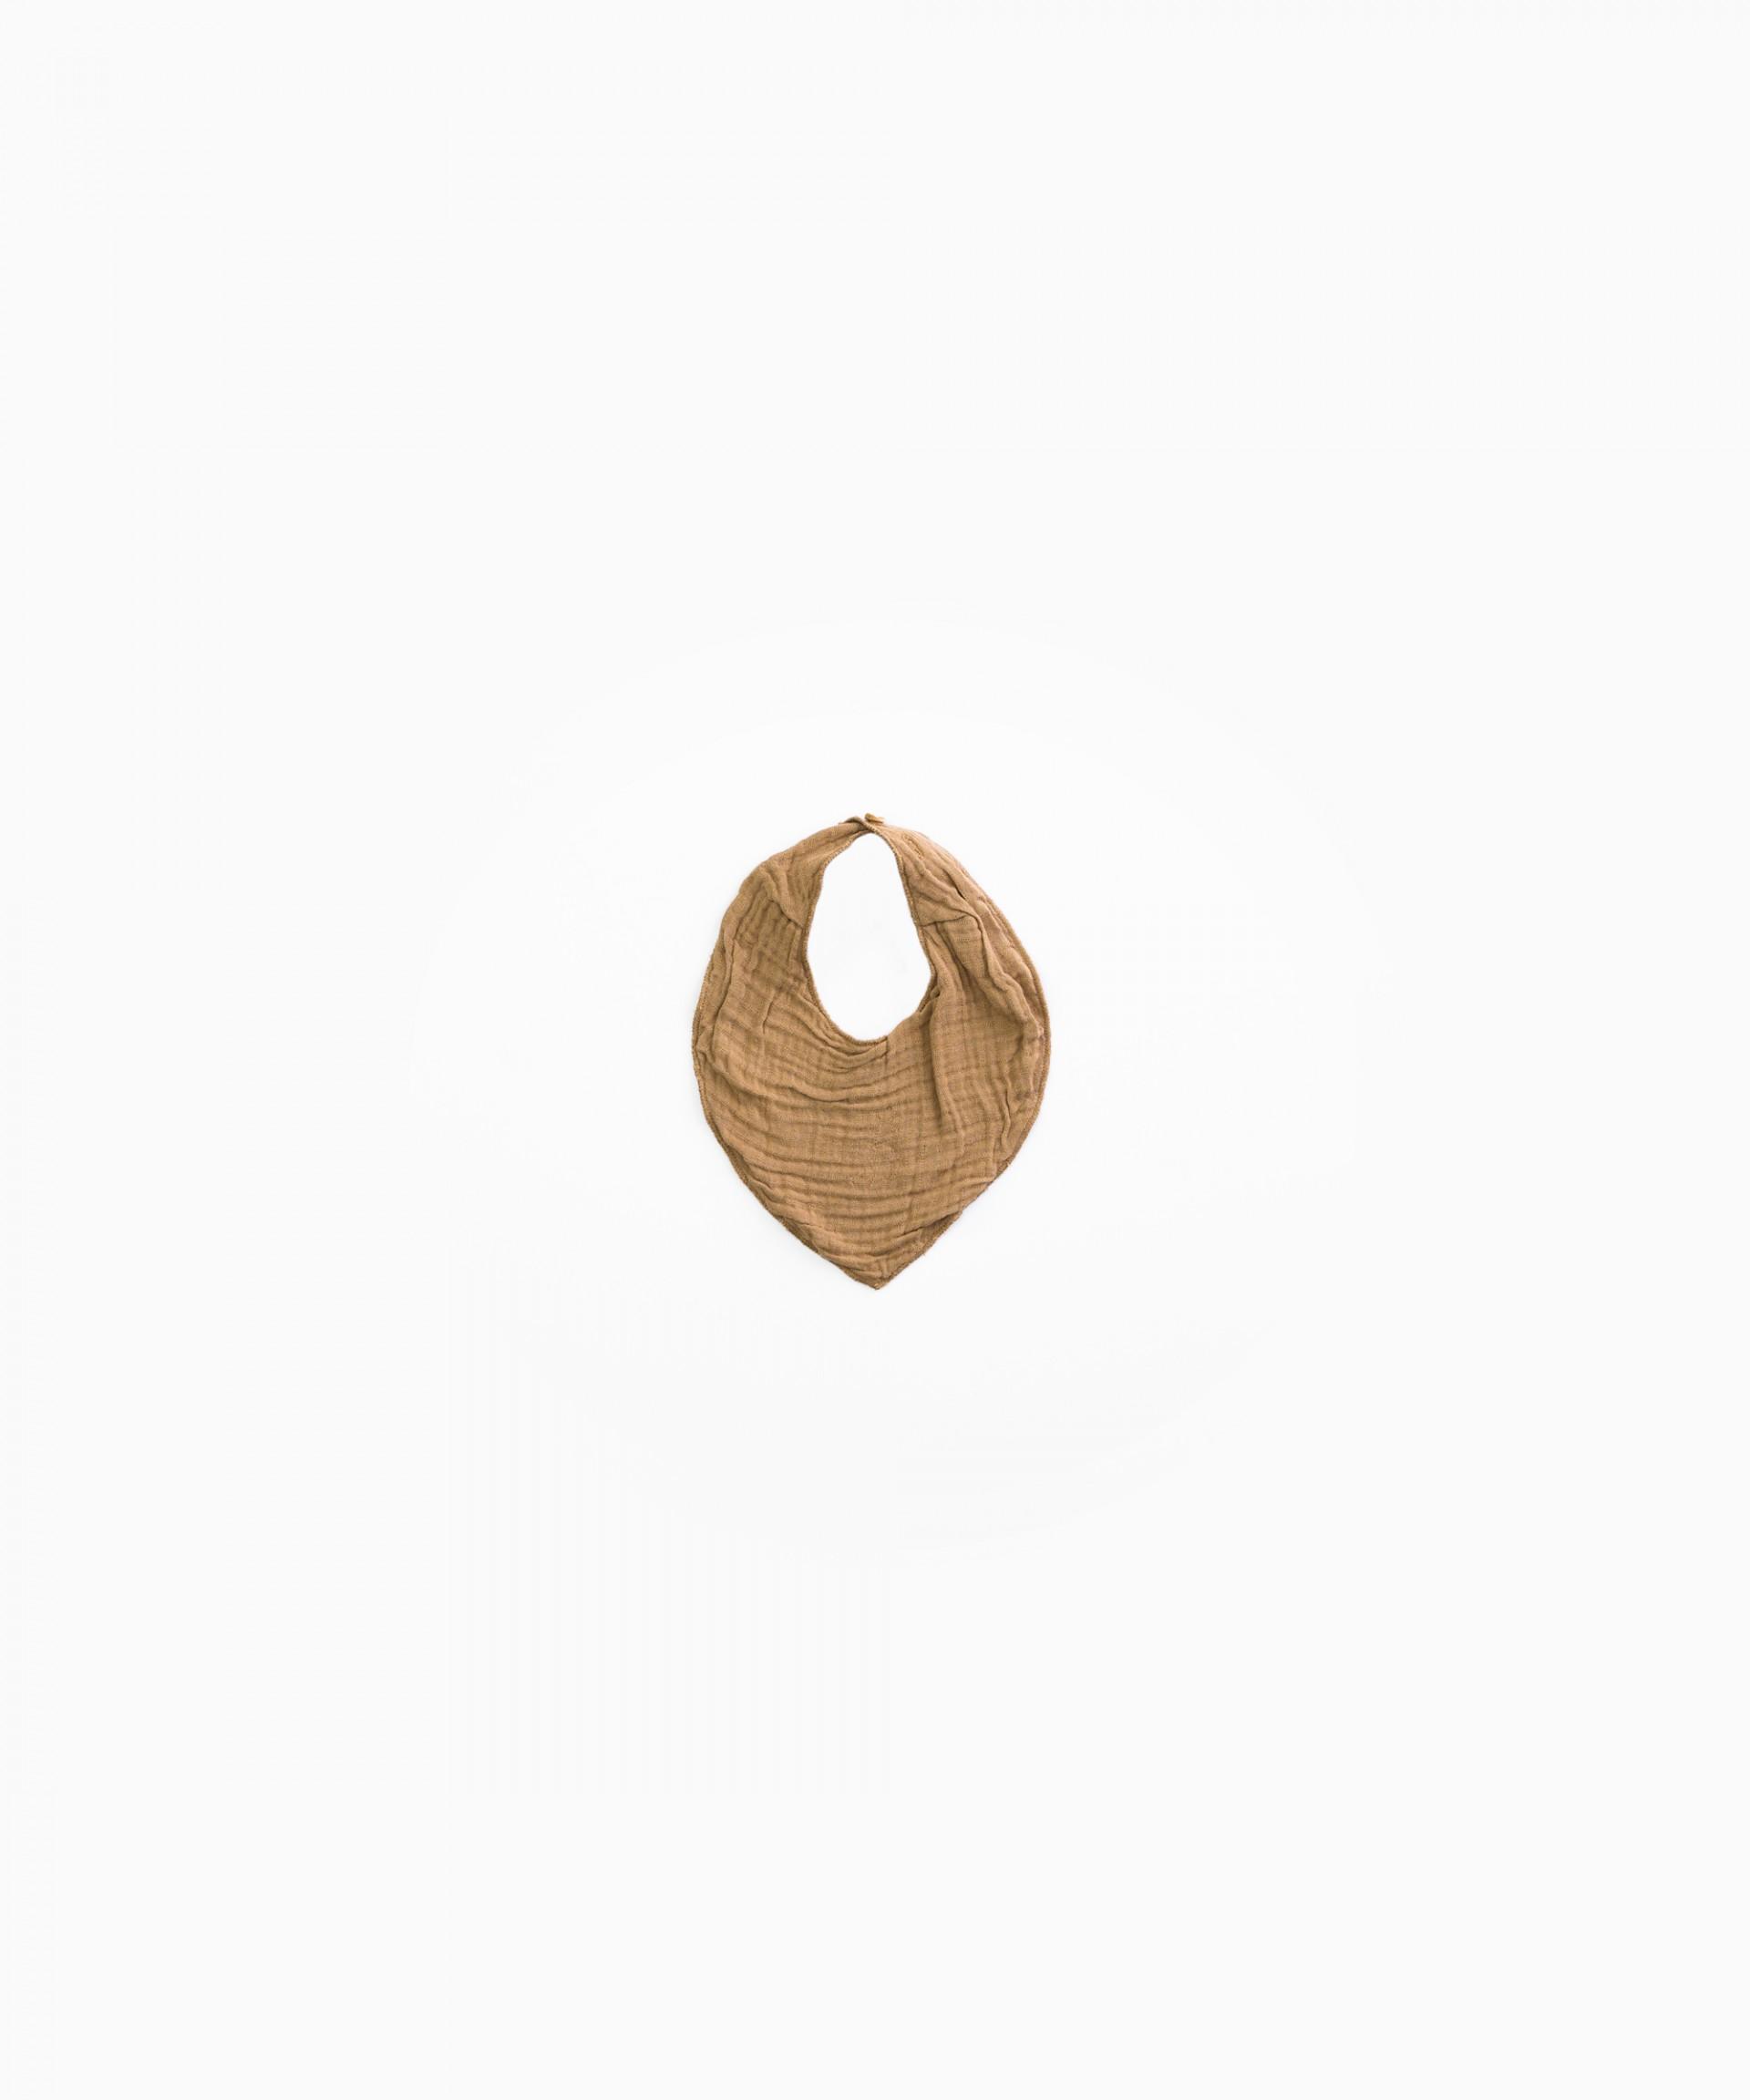 Bib with button fastening | Woodwork